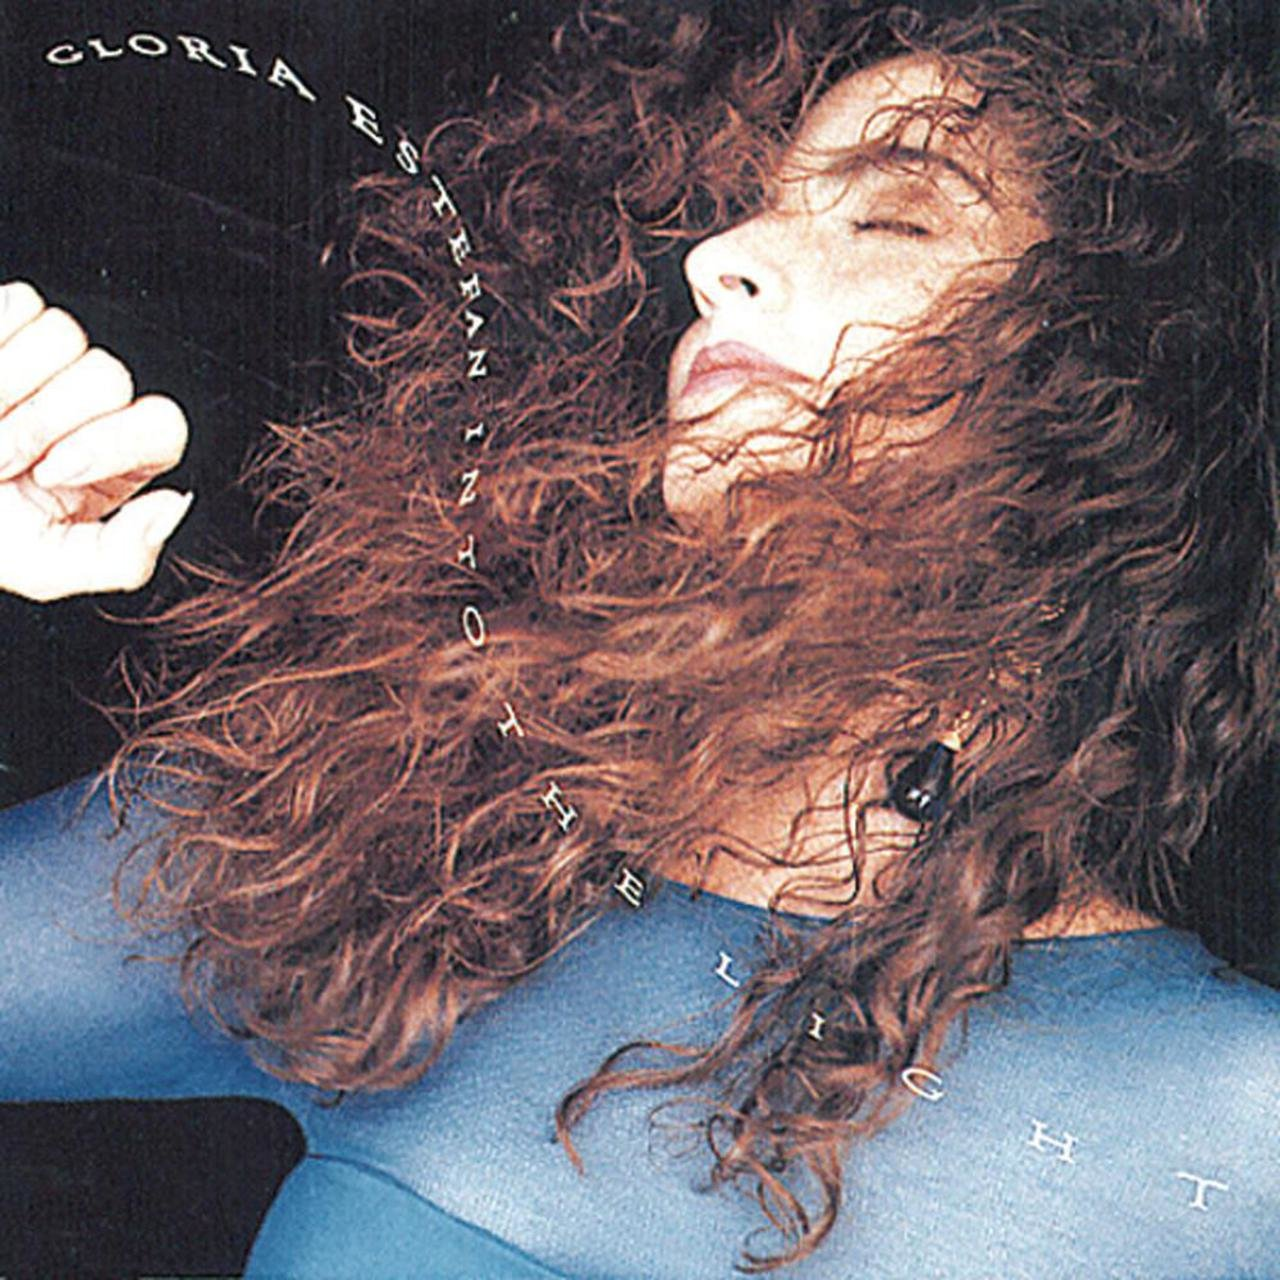 Into the Light - Gloria Estefan Image